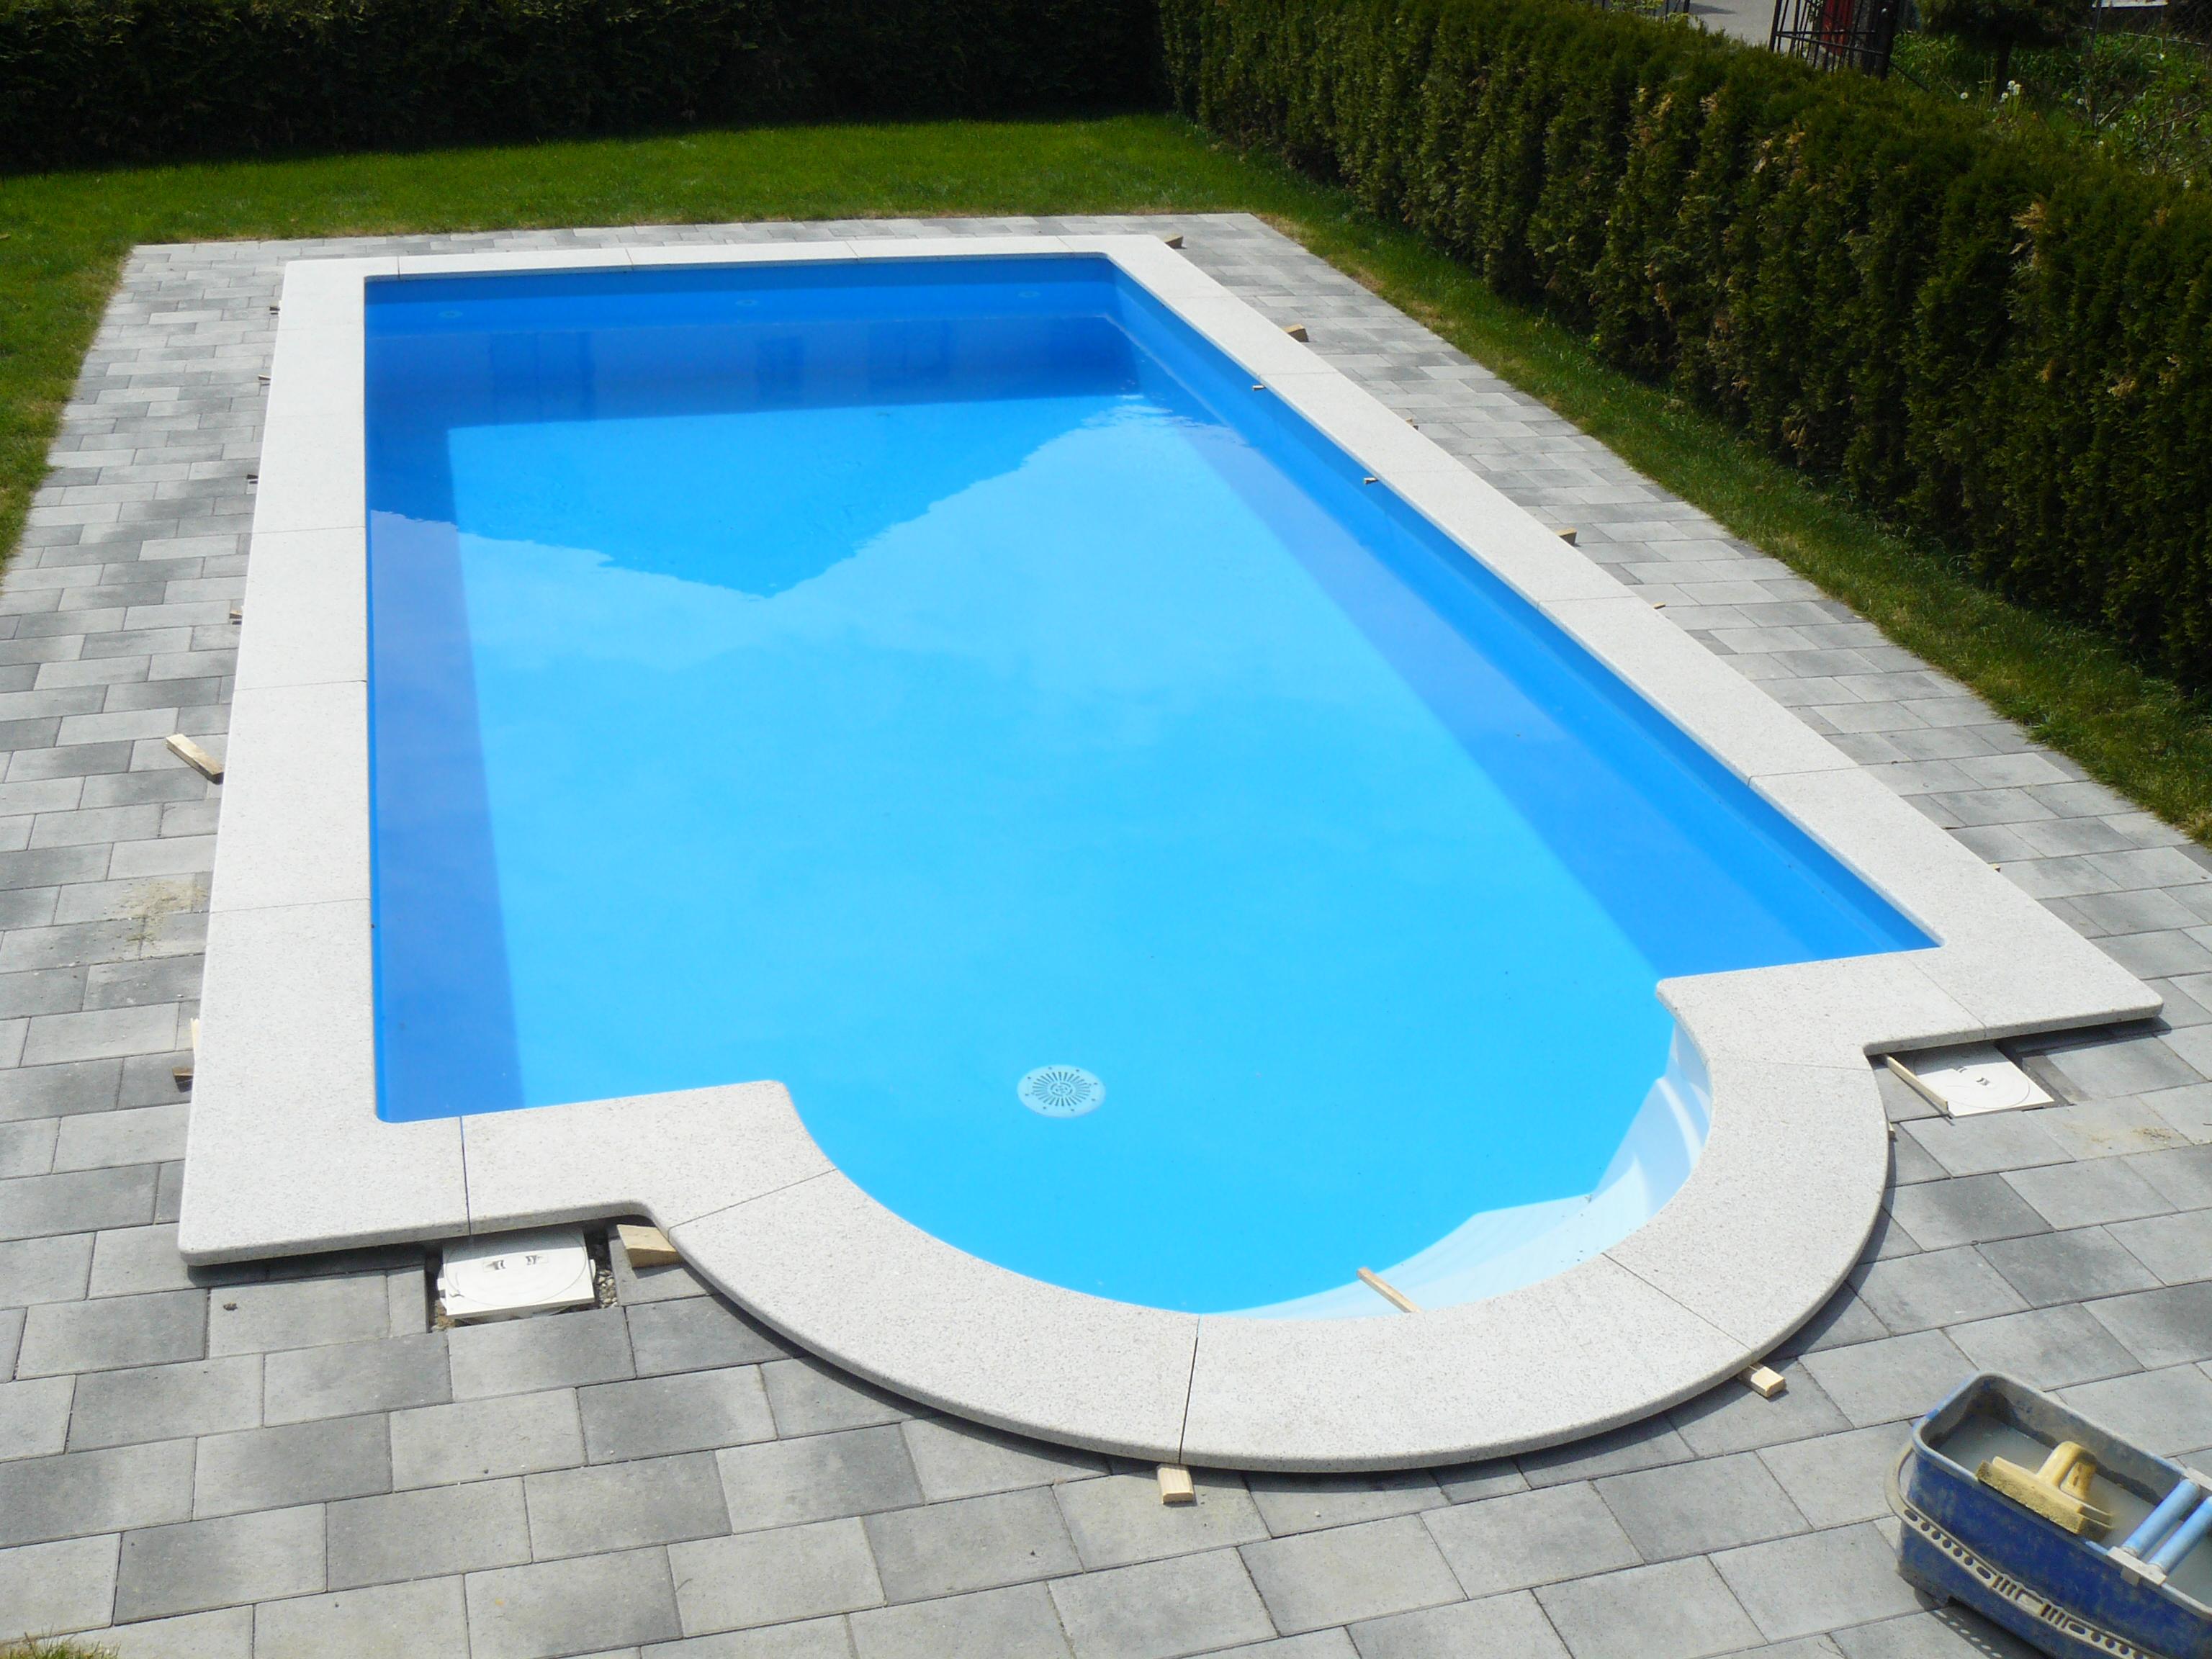 schwimmbad und pool bau freilassing salzburg garten und landschaftsbau. Black Bedroom Furniture Sets. Home Design Ideas